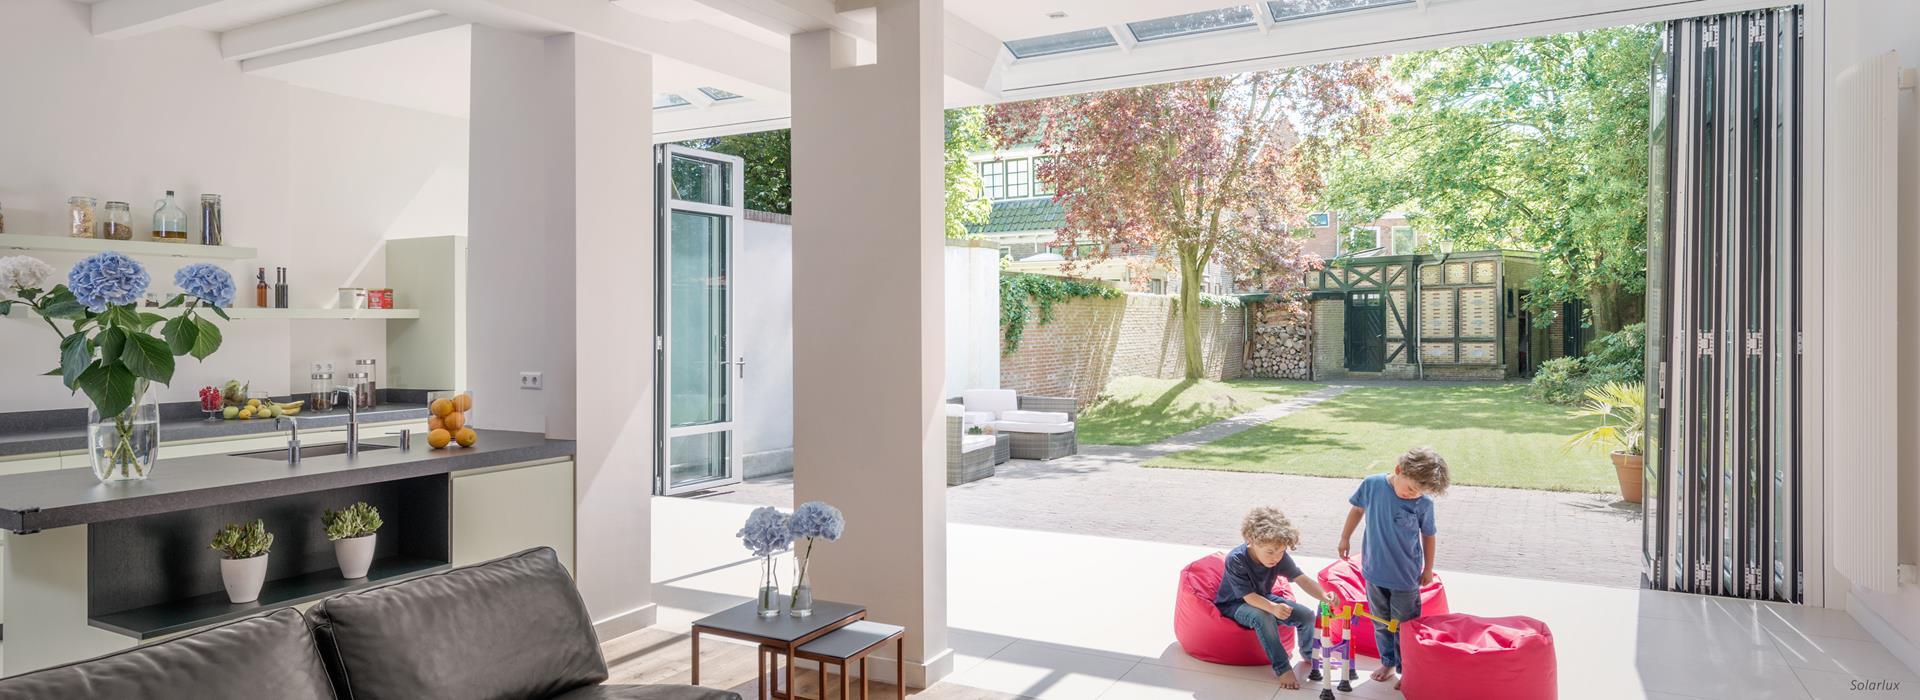 faltw nde faltanlagen glasfaltt ren glashaus rehm. Black Bedroom Furniture Sets. Home Design Ideas